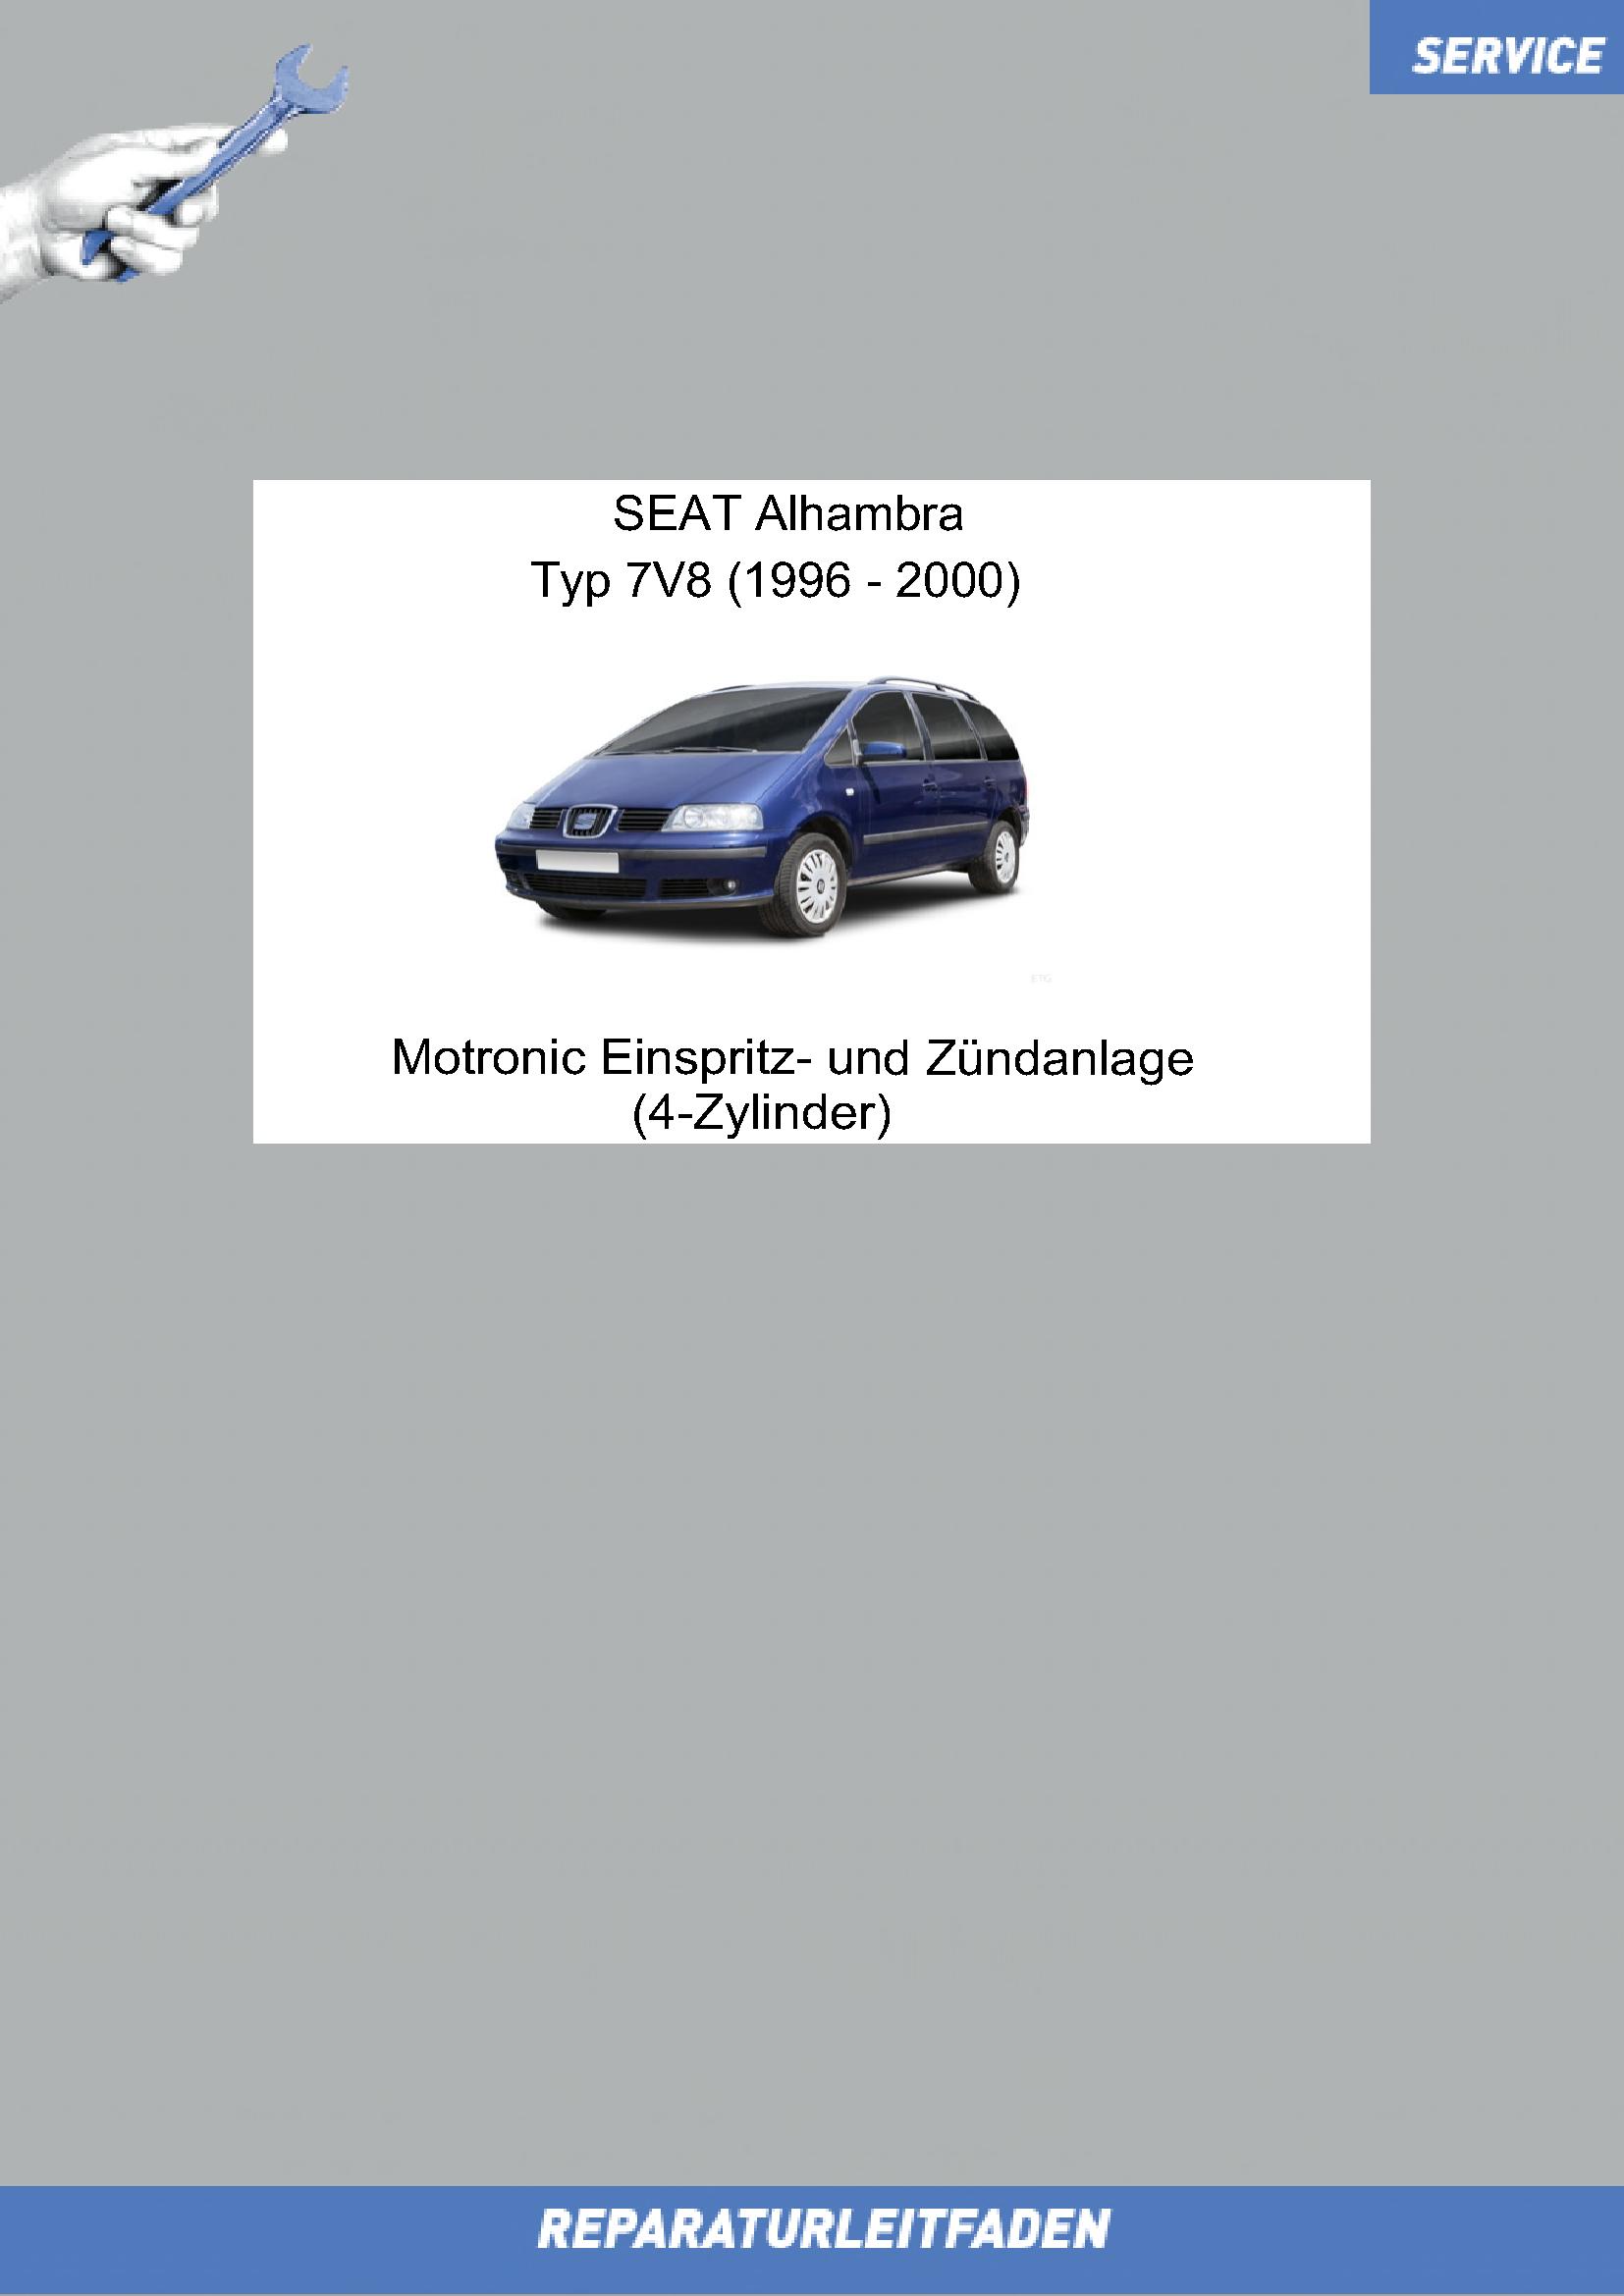 seat-alhambra-7v8-025_motronic_einspritz-_und_z_ndanlage_1.png